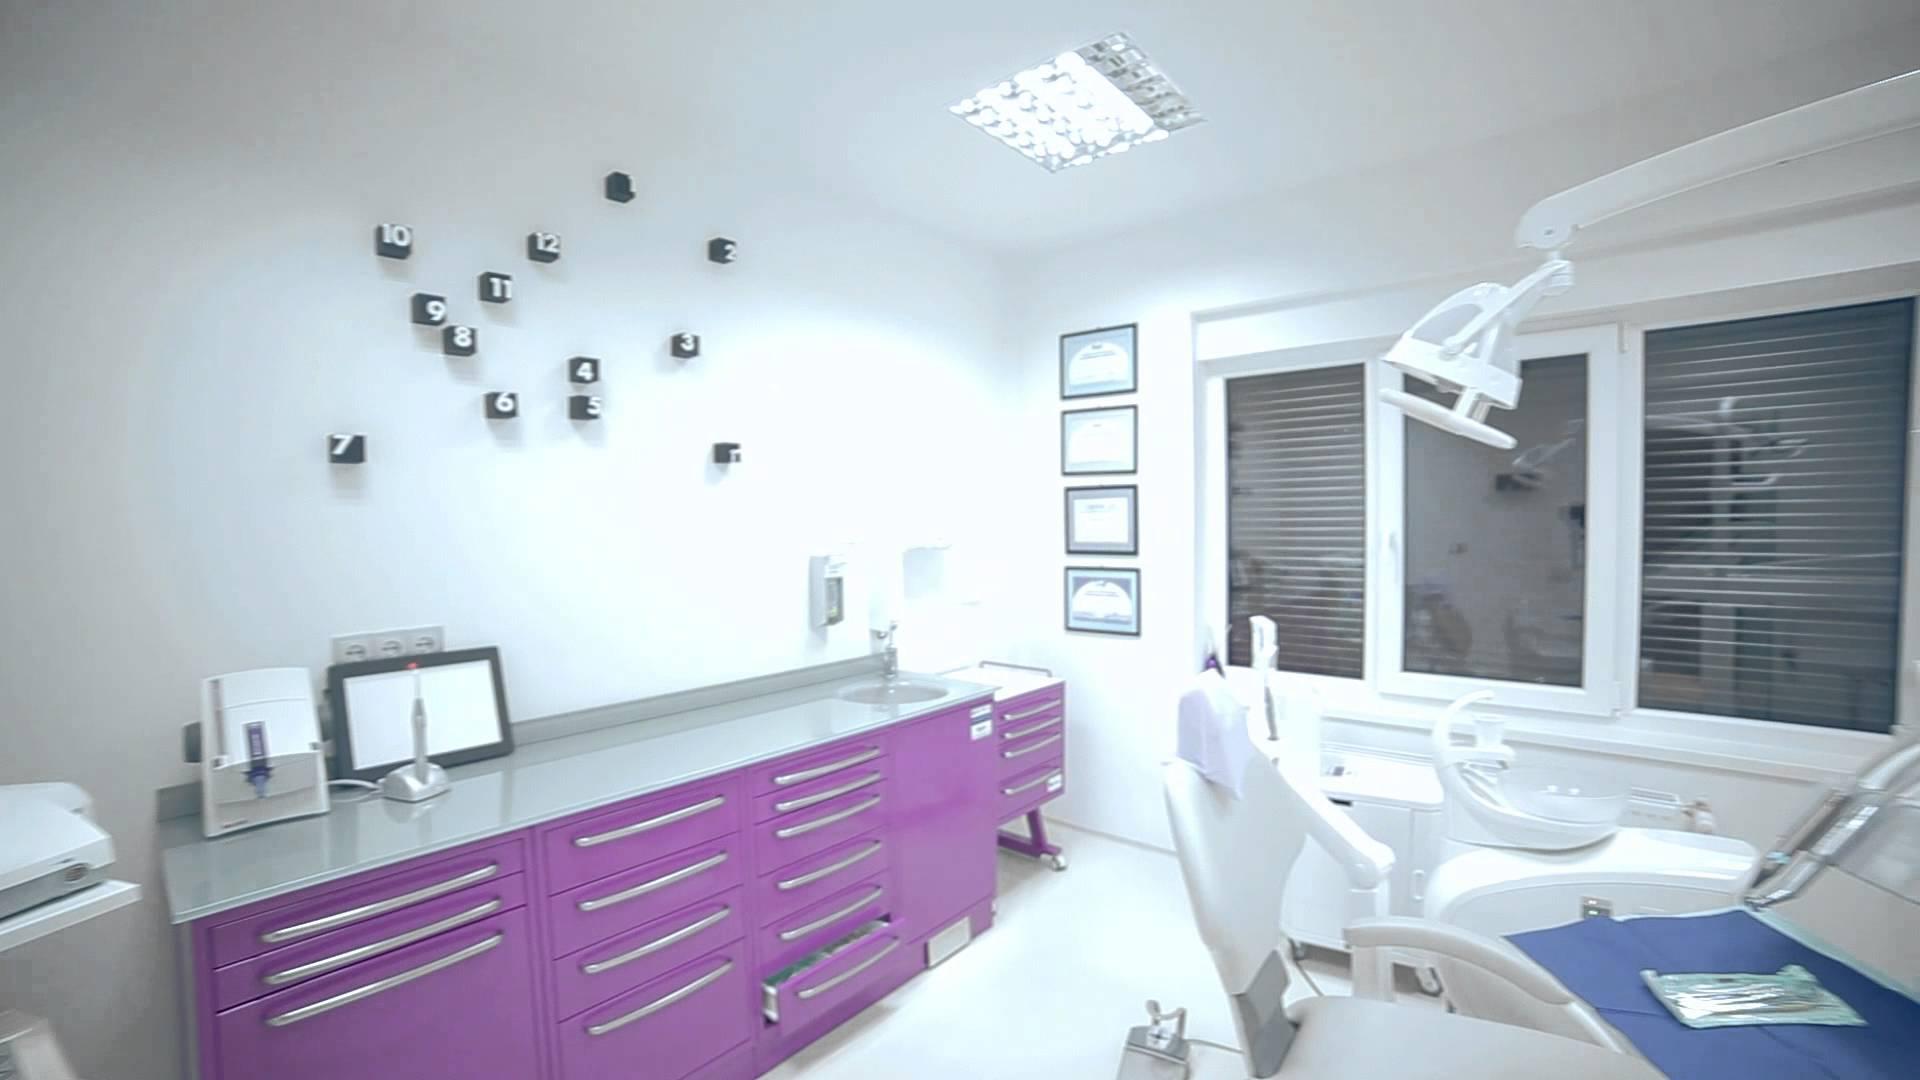 Dental Office Wallpaper - WallpaperSafari